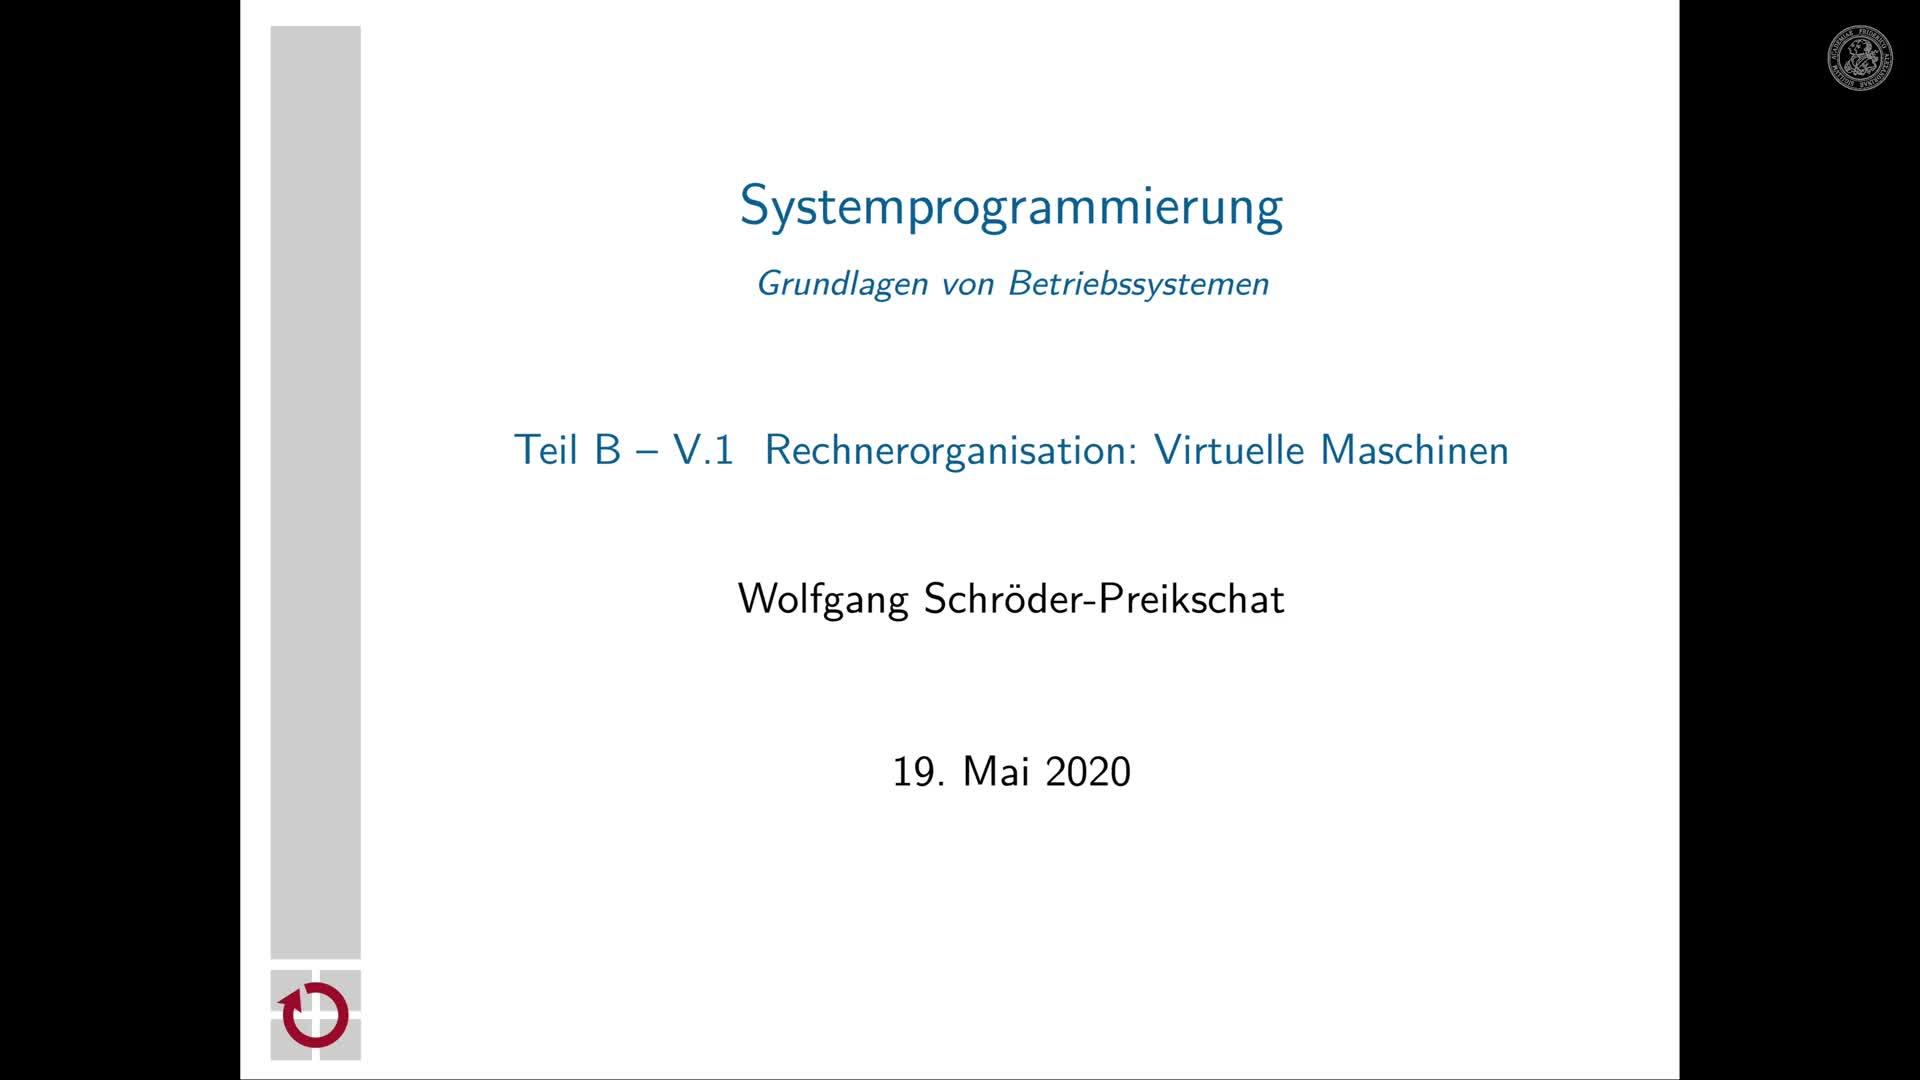 5.1.1 Rechnerorganisation: Begrüßung und Tagesordnung preview image